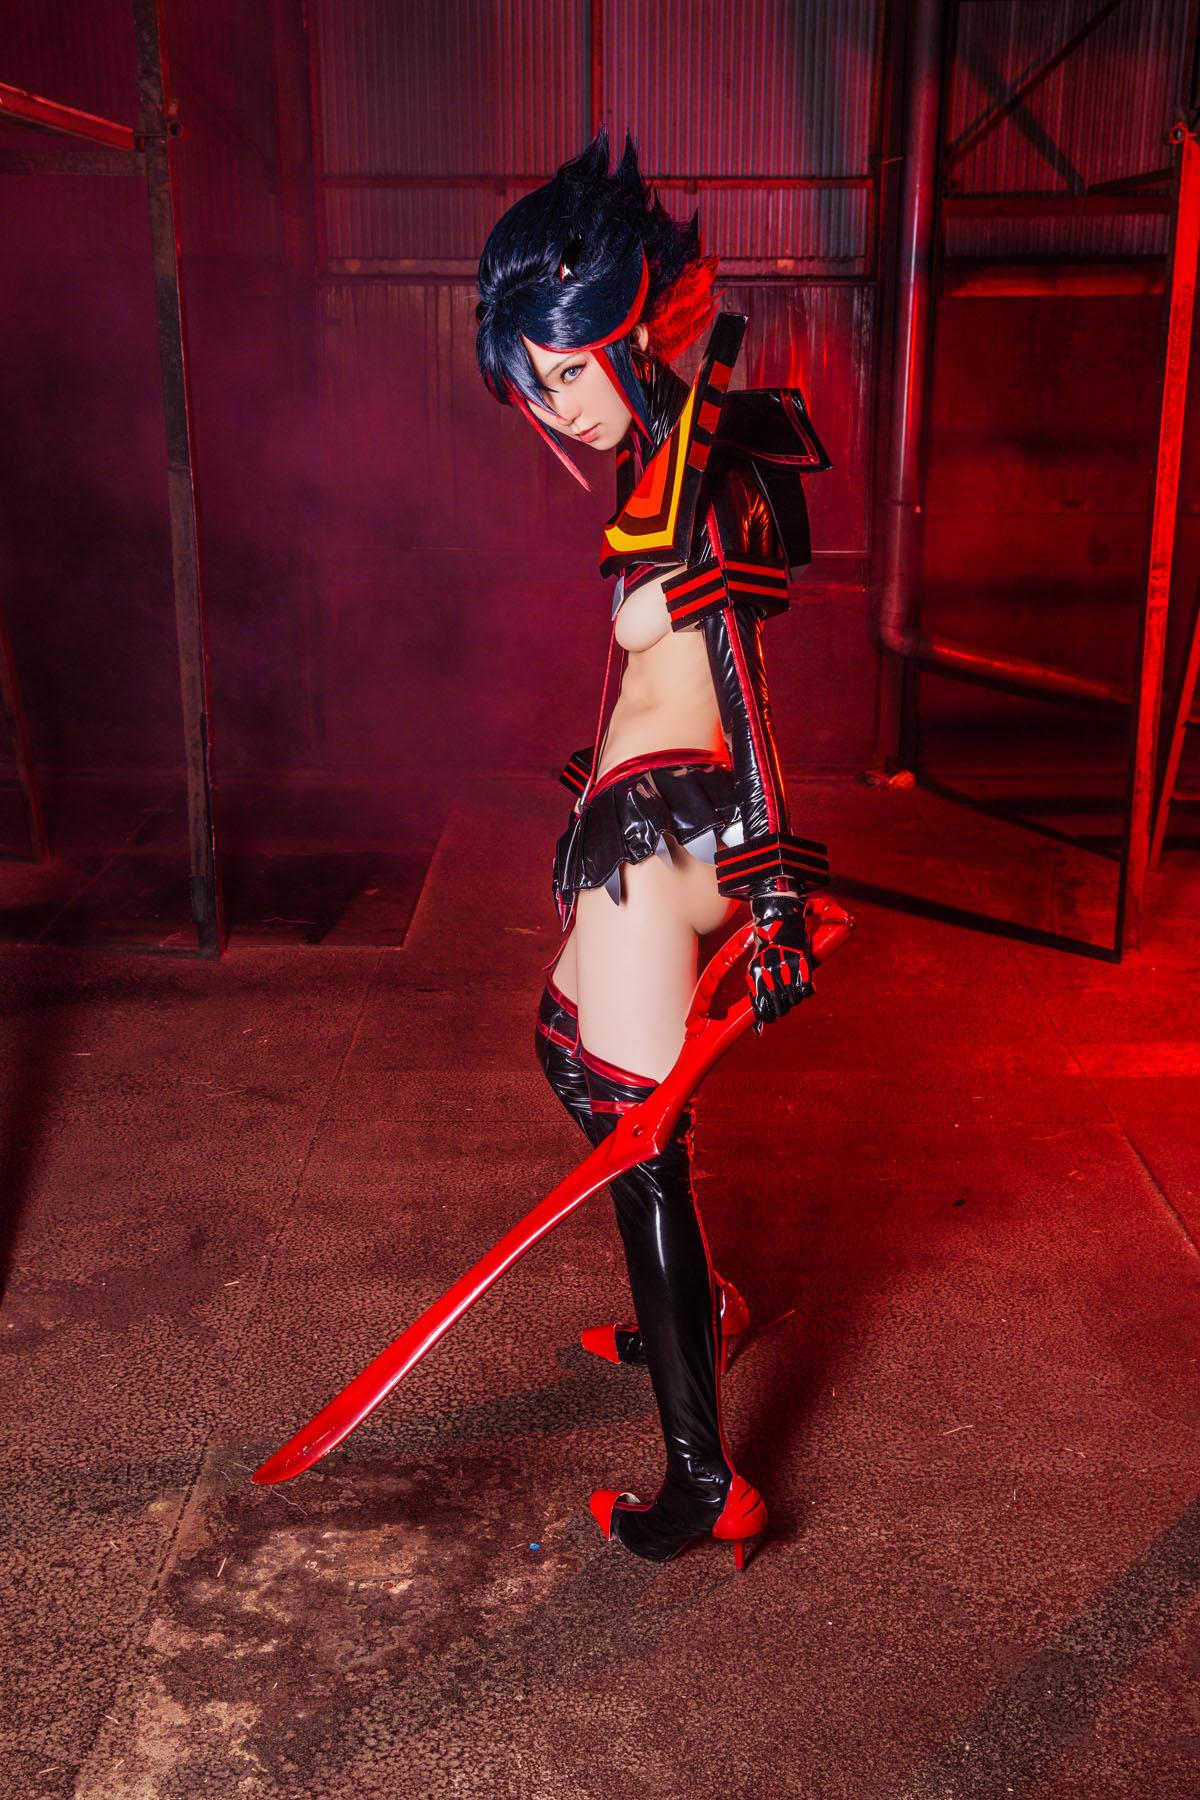 Kill la Kill Ryuuko Matoi anime cosplay by Mikehouse 0049